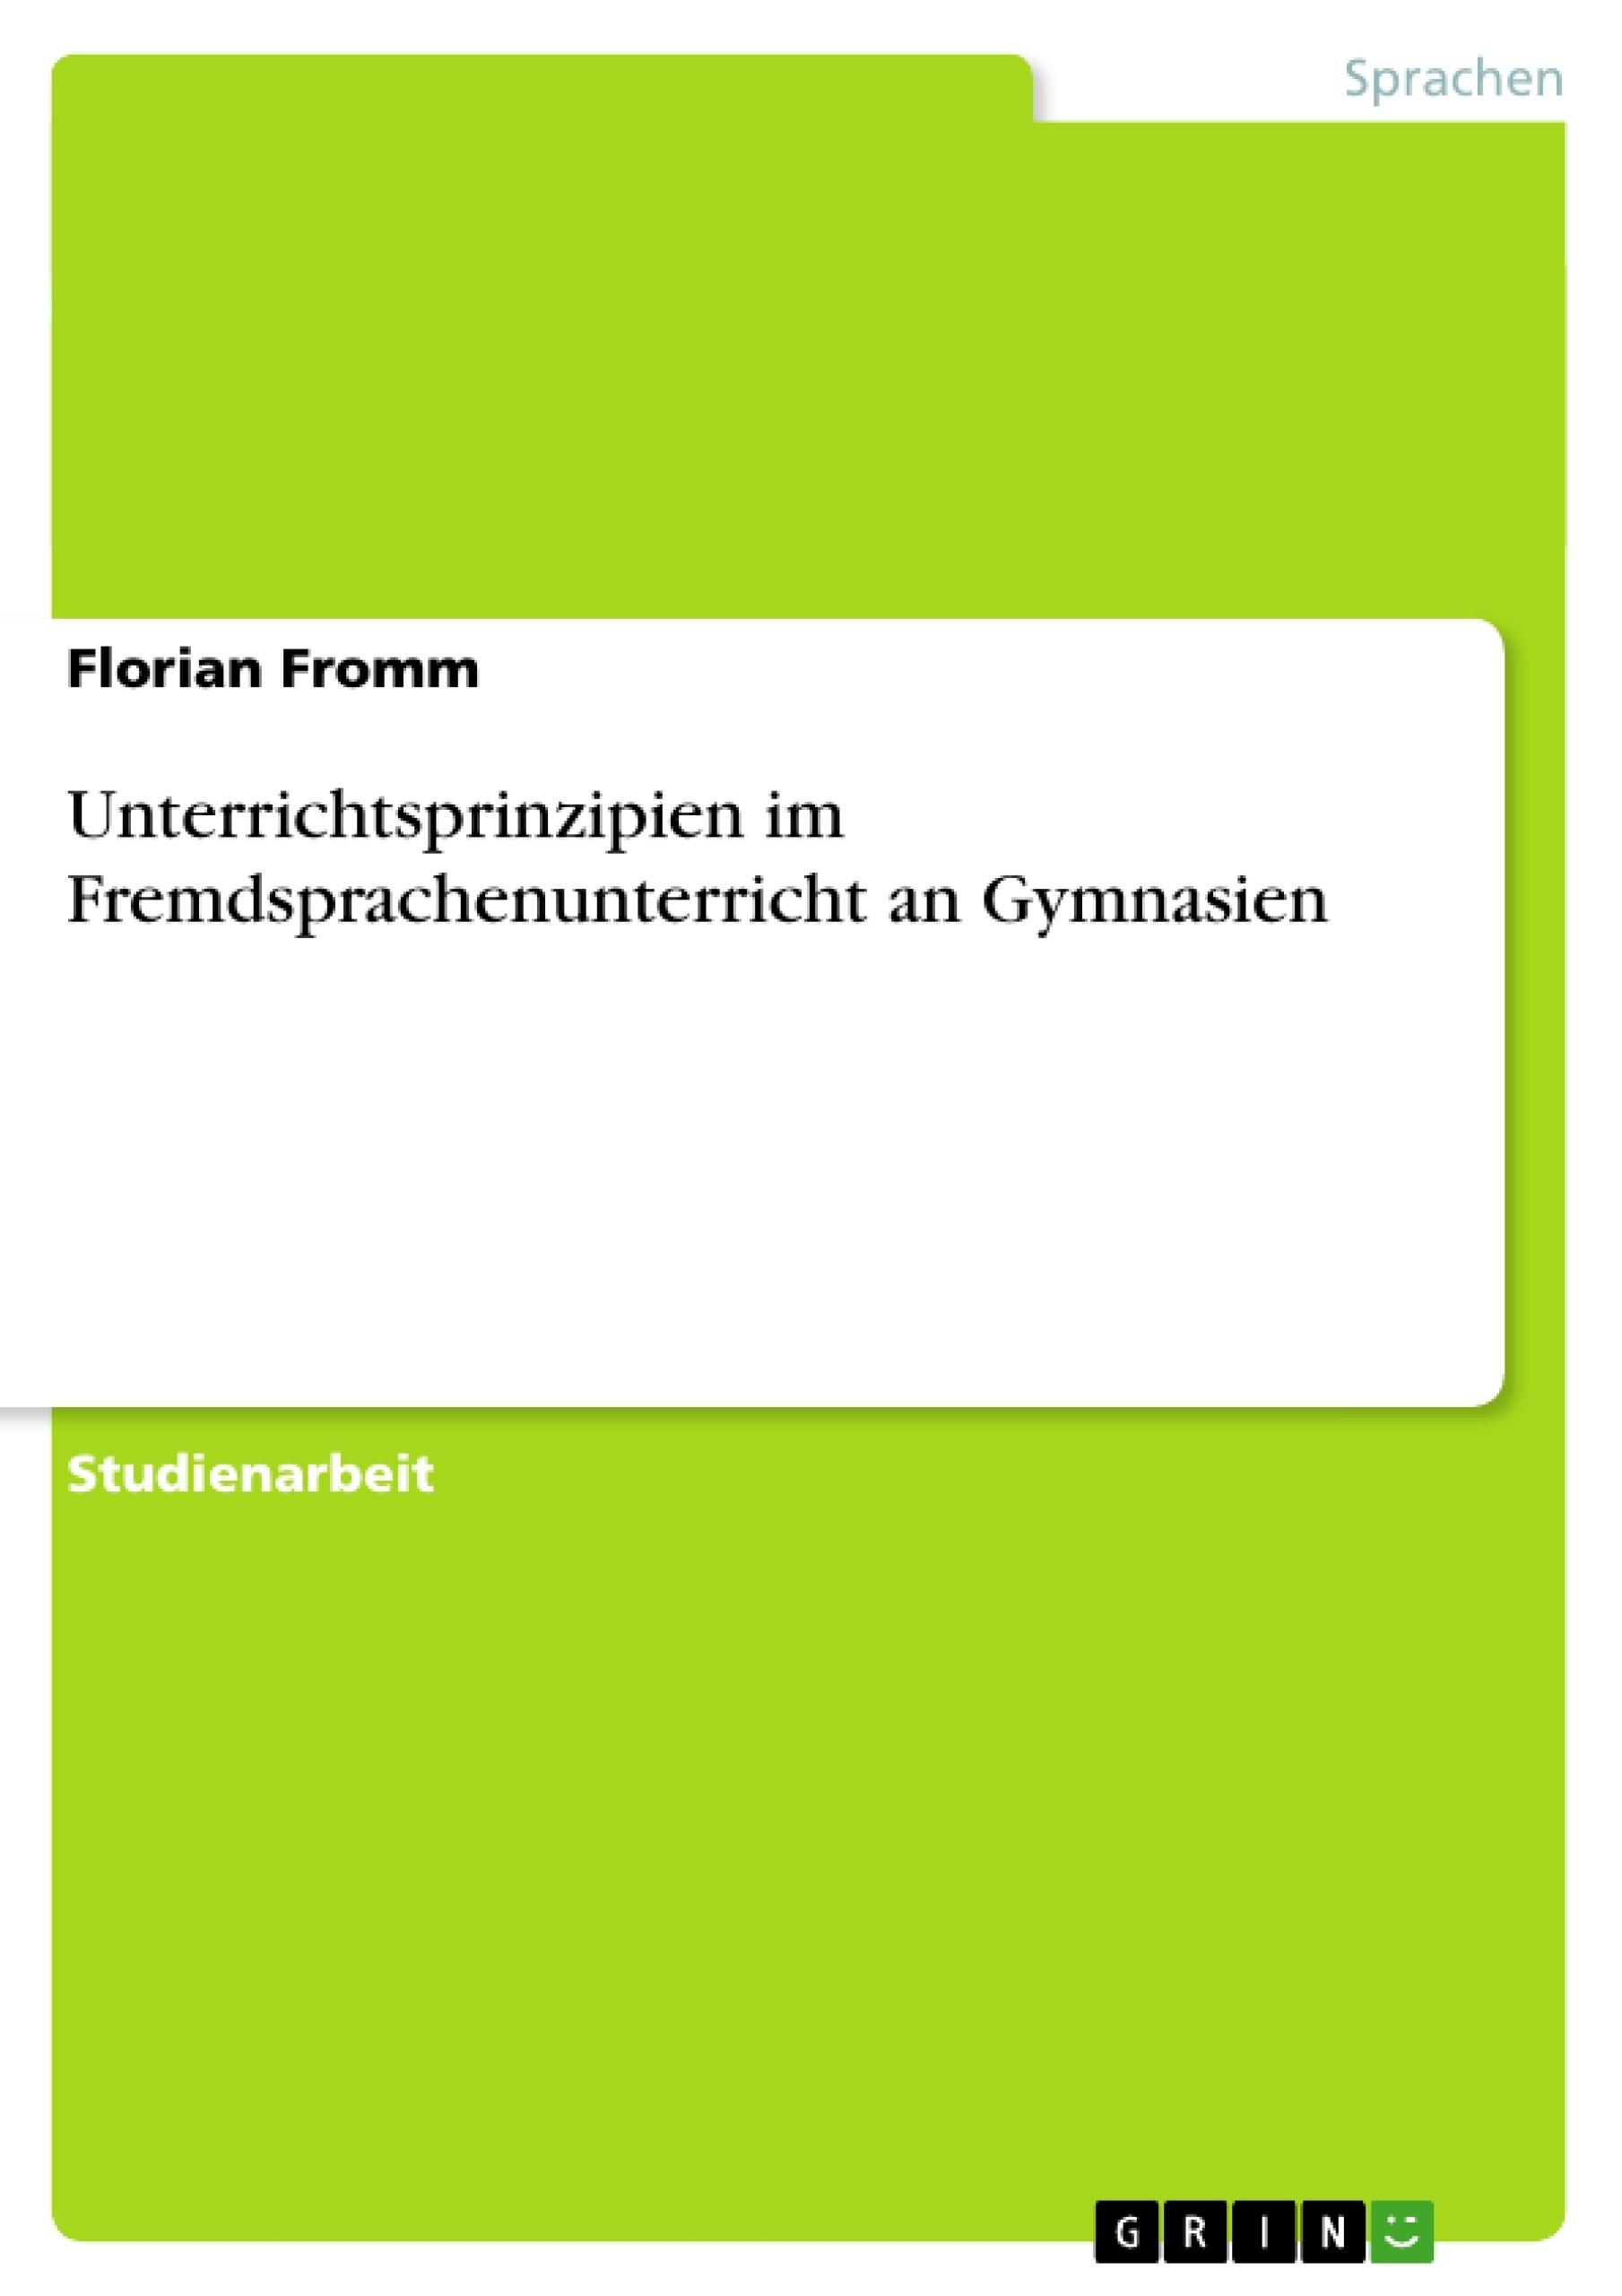 Titel: Unterrichtsprinzipien im Fremdsprachenunterricht an Gymnasien